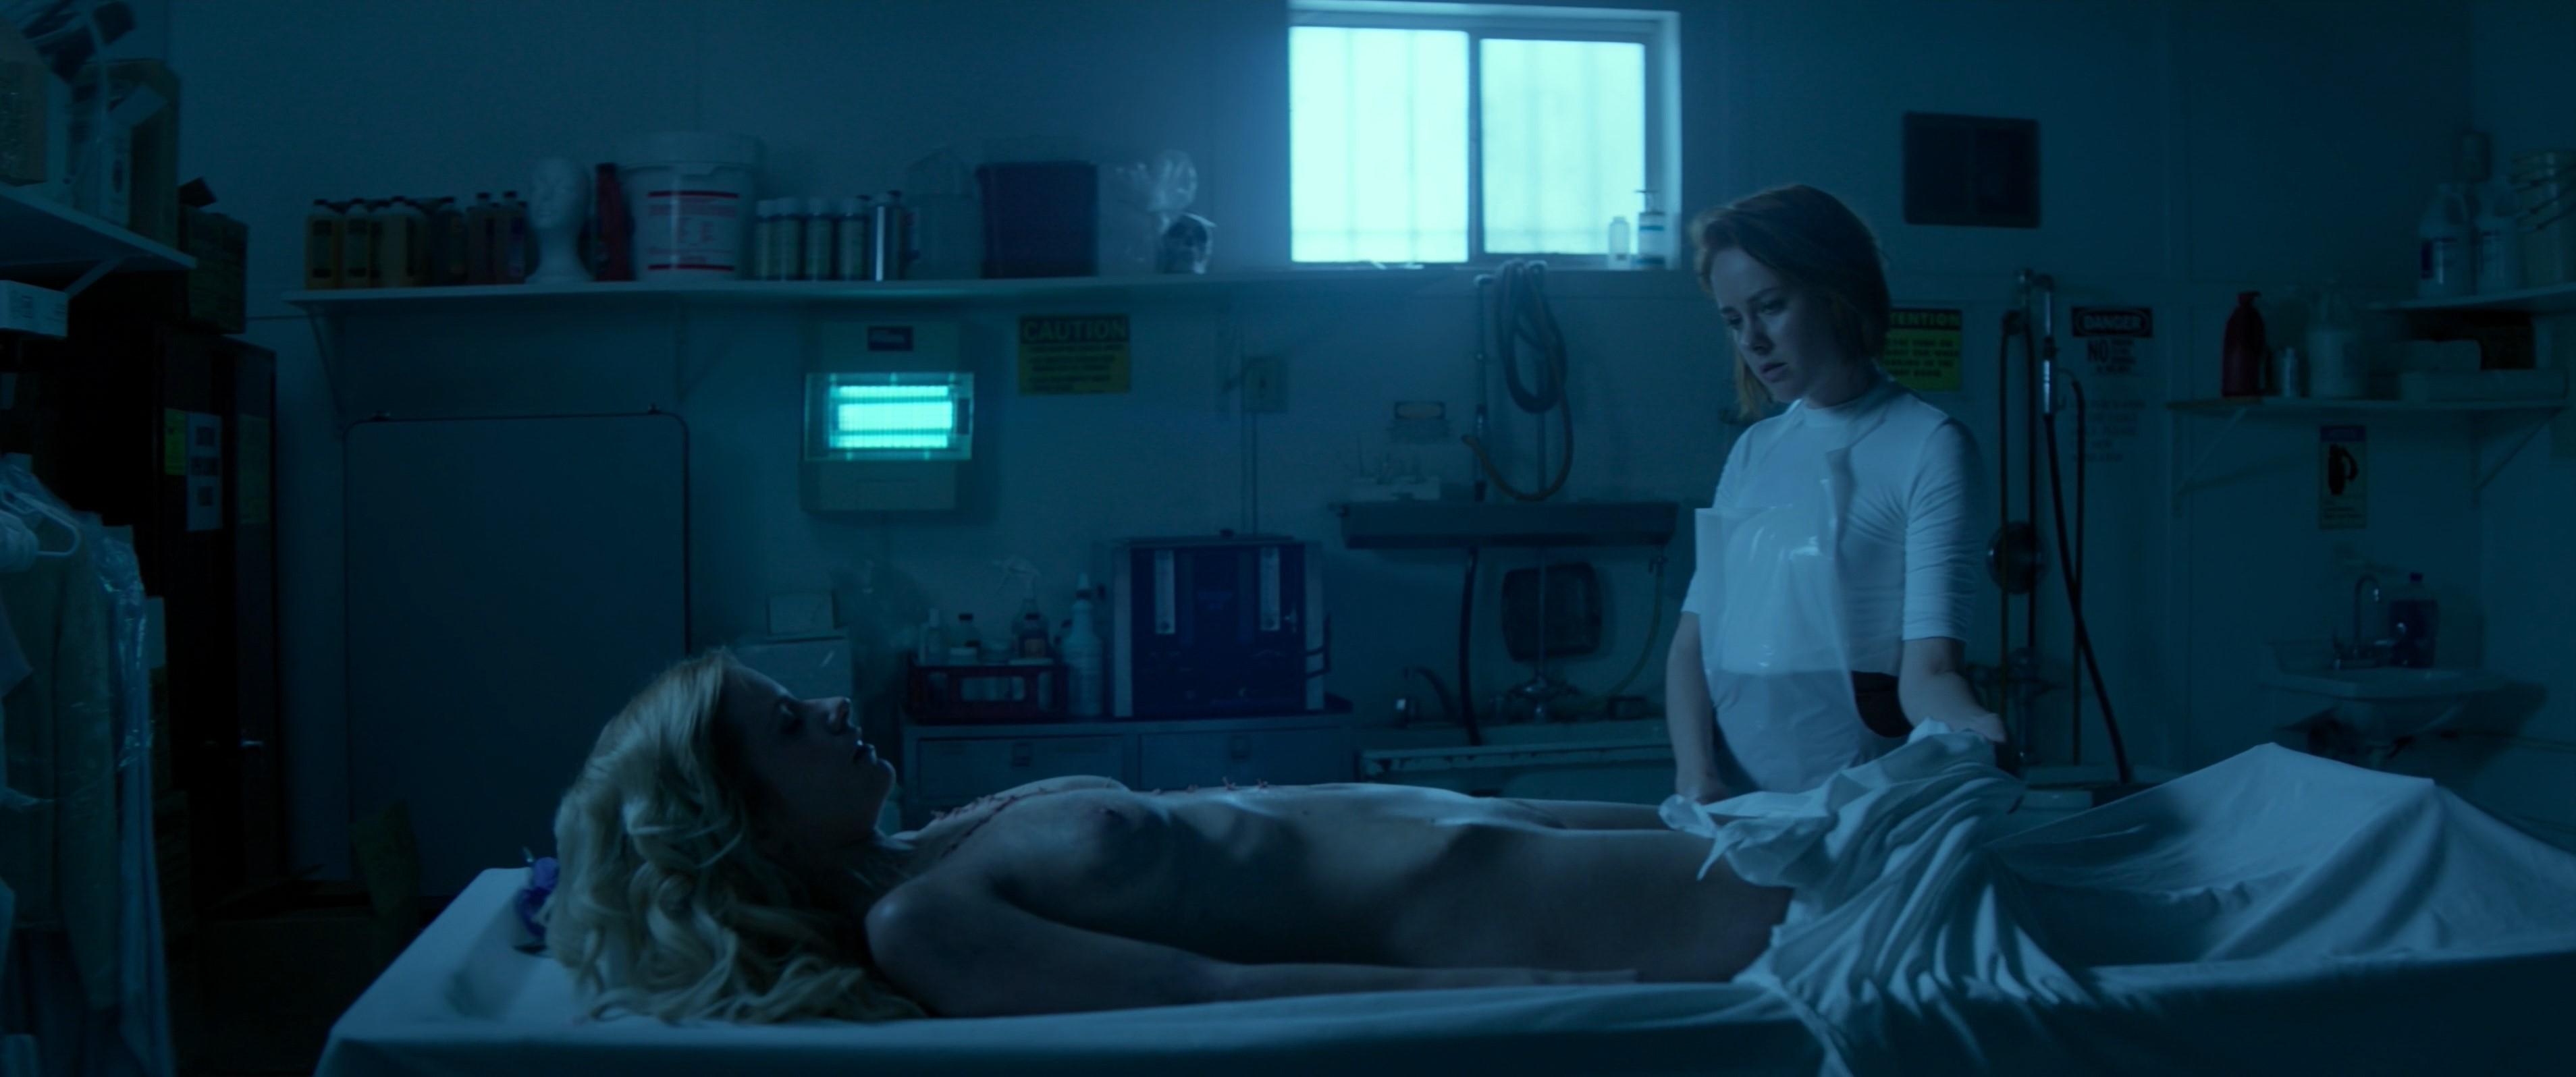 Sloan pictures renee nude